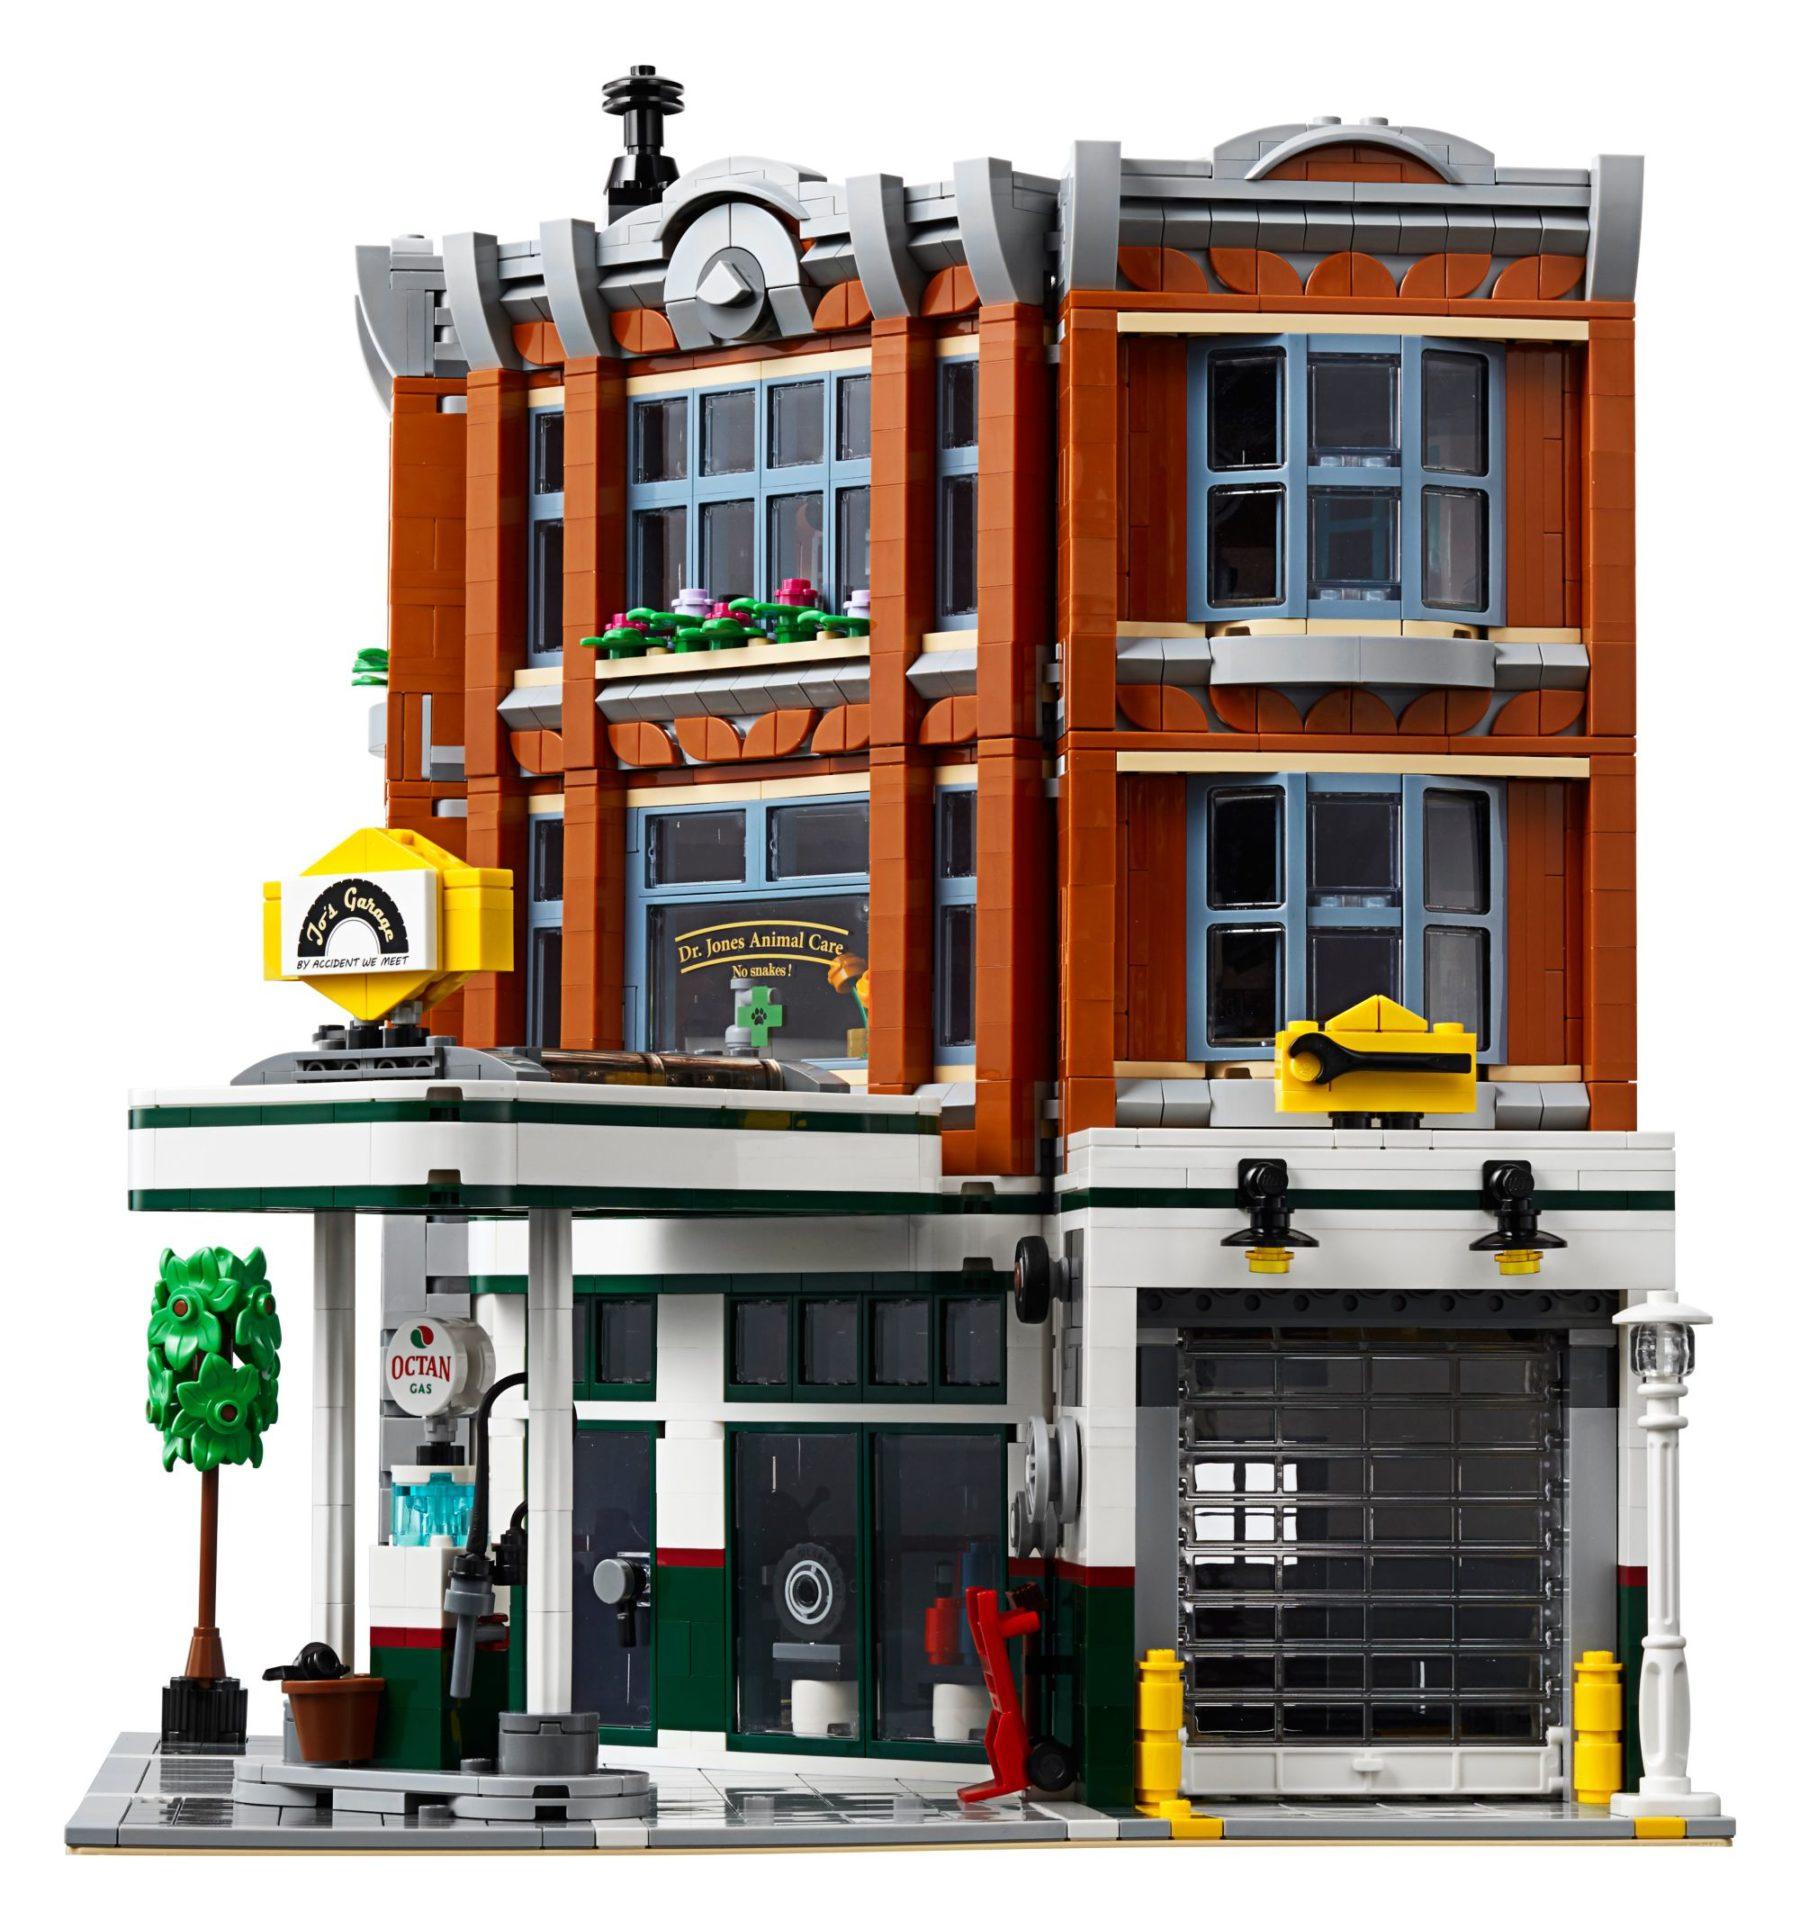 LEGO 10264 Eckgarage Modular Building: Seitenansicht